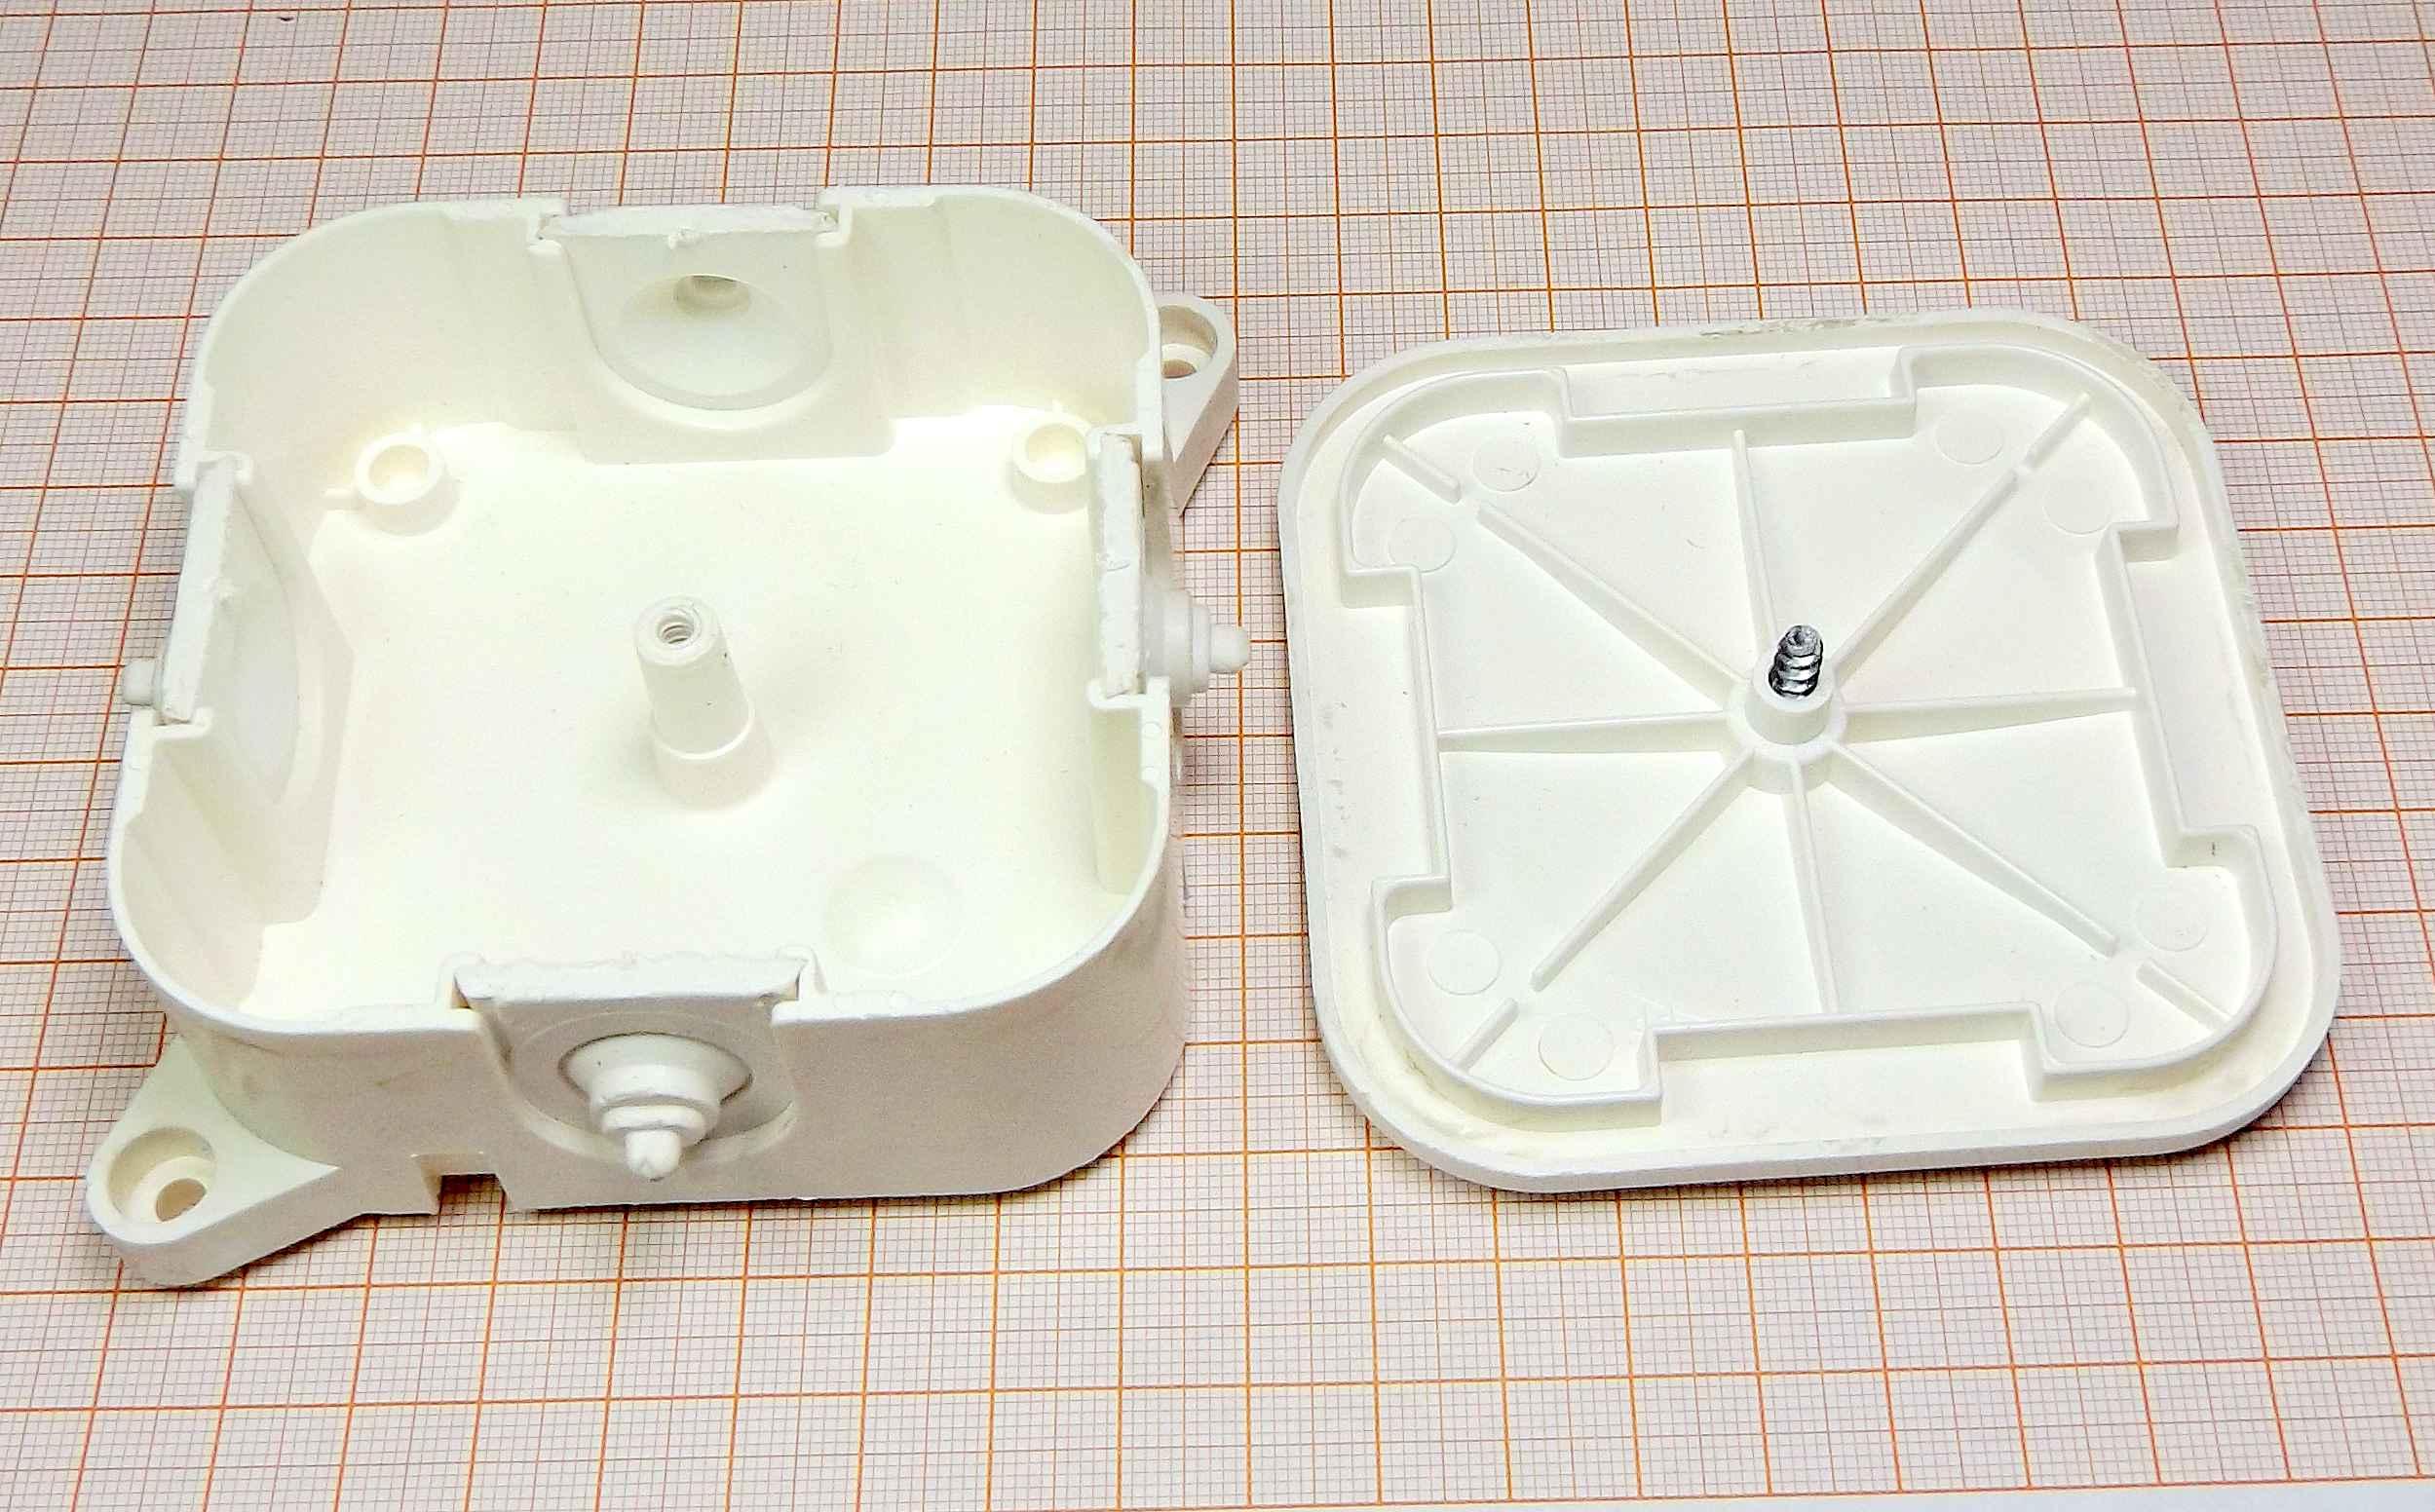 Puszka instalacyjna natynkowa biała [B]